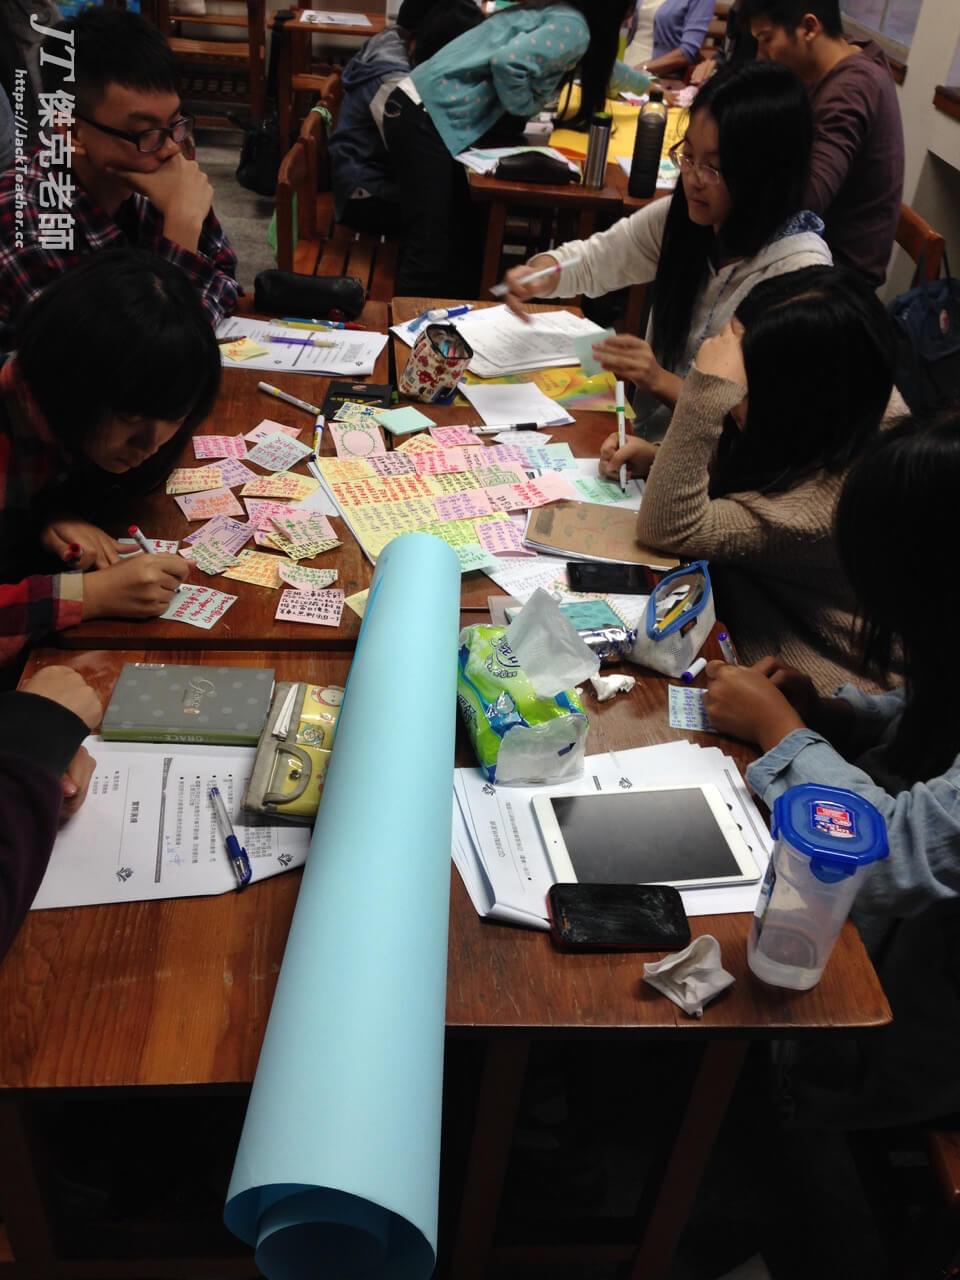 台灣師範大學-創意思考的方法、遊戲與訓練課程